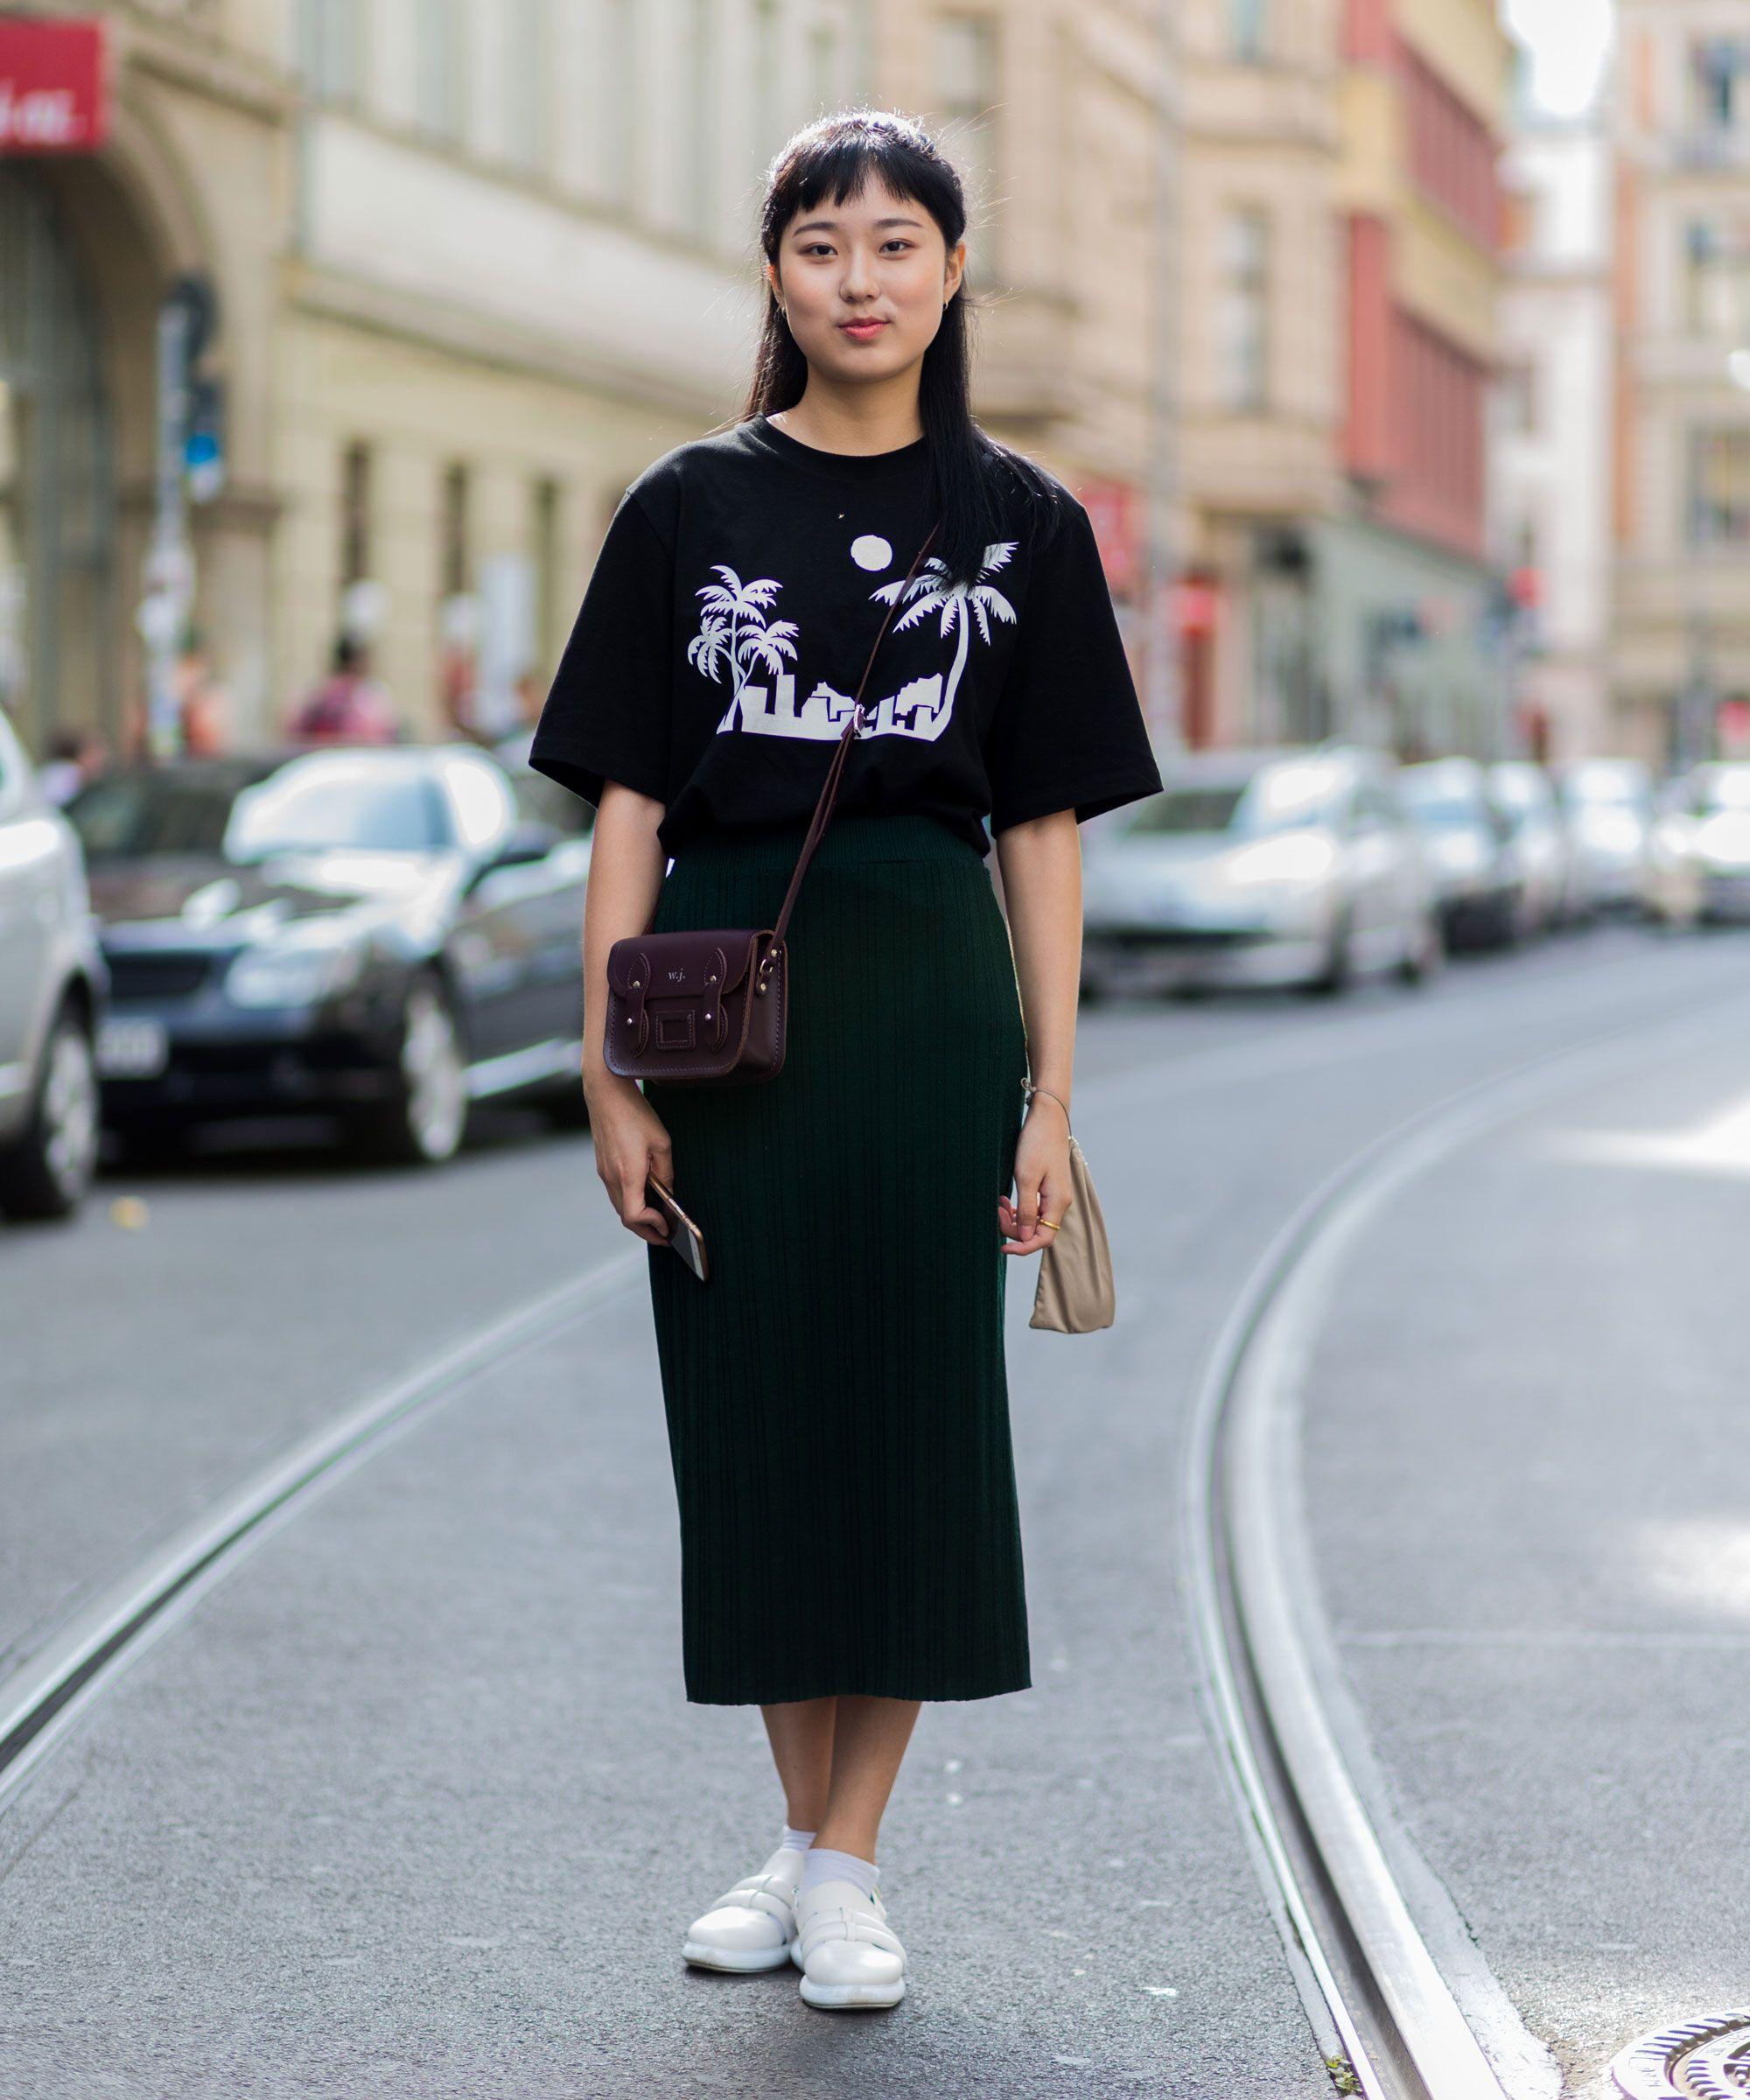 Юбка с футболкой темная